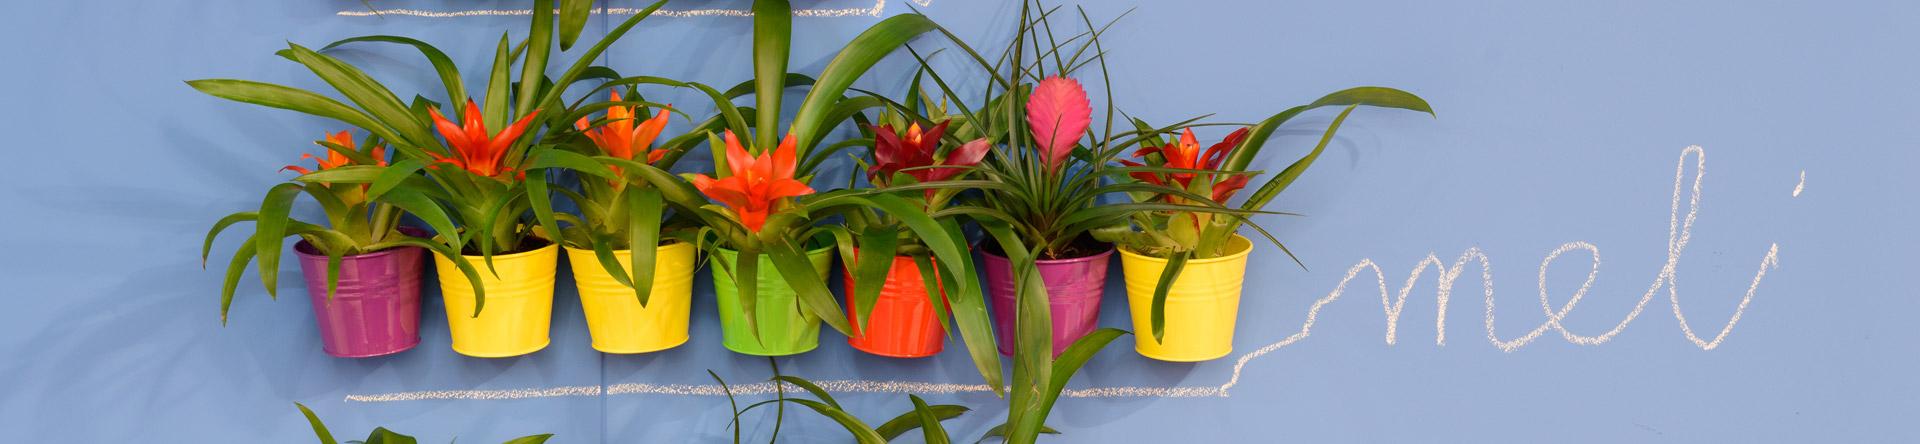 Sfavillante, allegra e possente: la Bromelia è la pianta che incarna il carattere latino e brillante tra le piante d'appartamento con tinte grintose e forme briose.